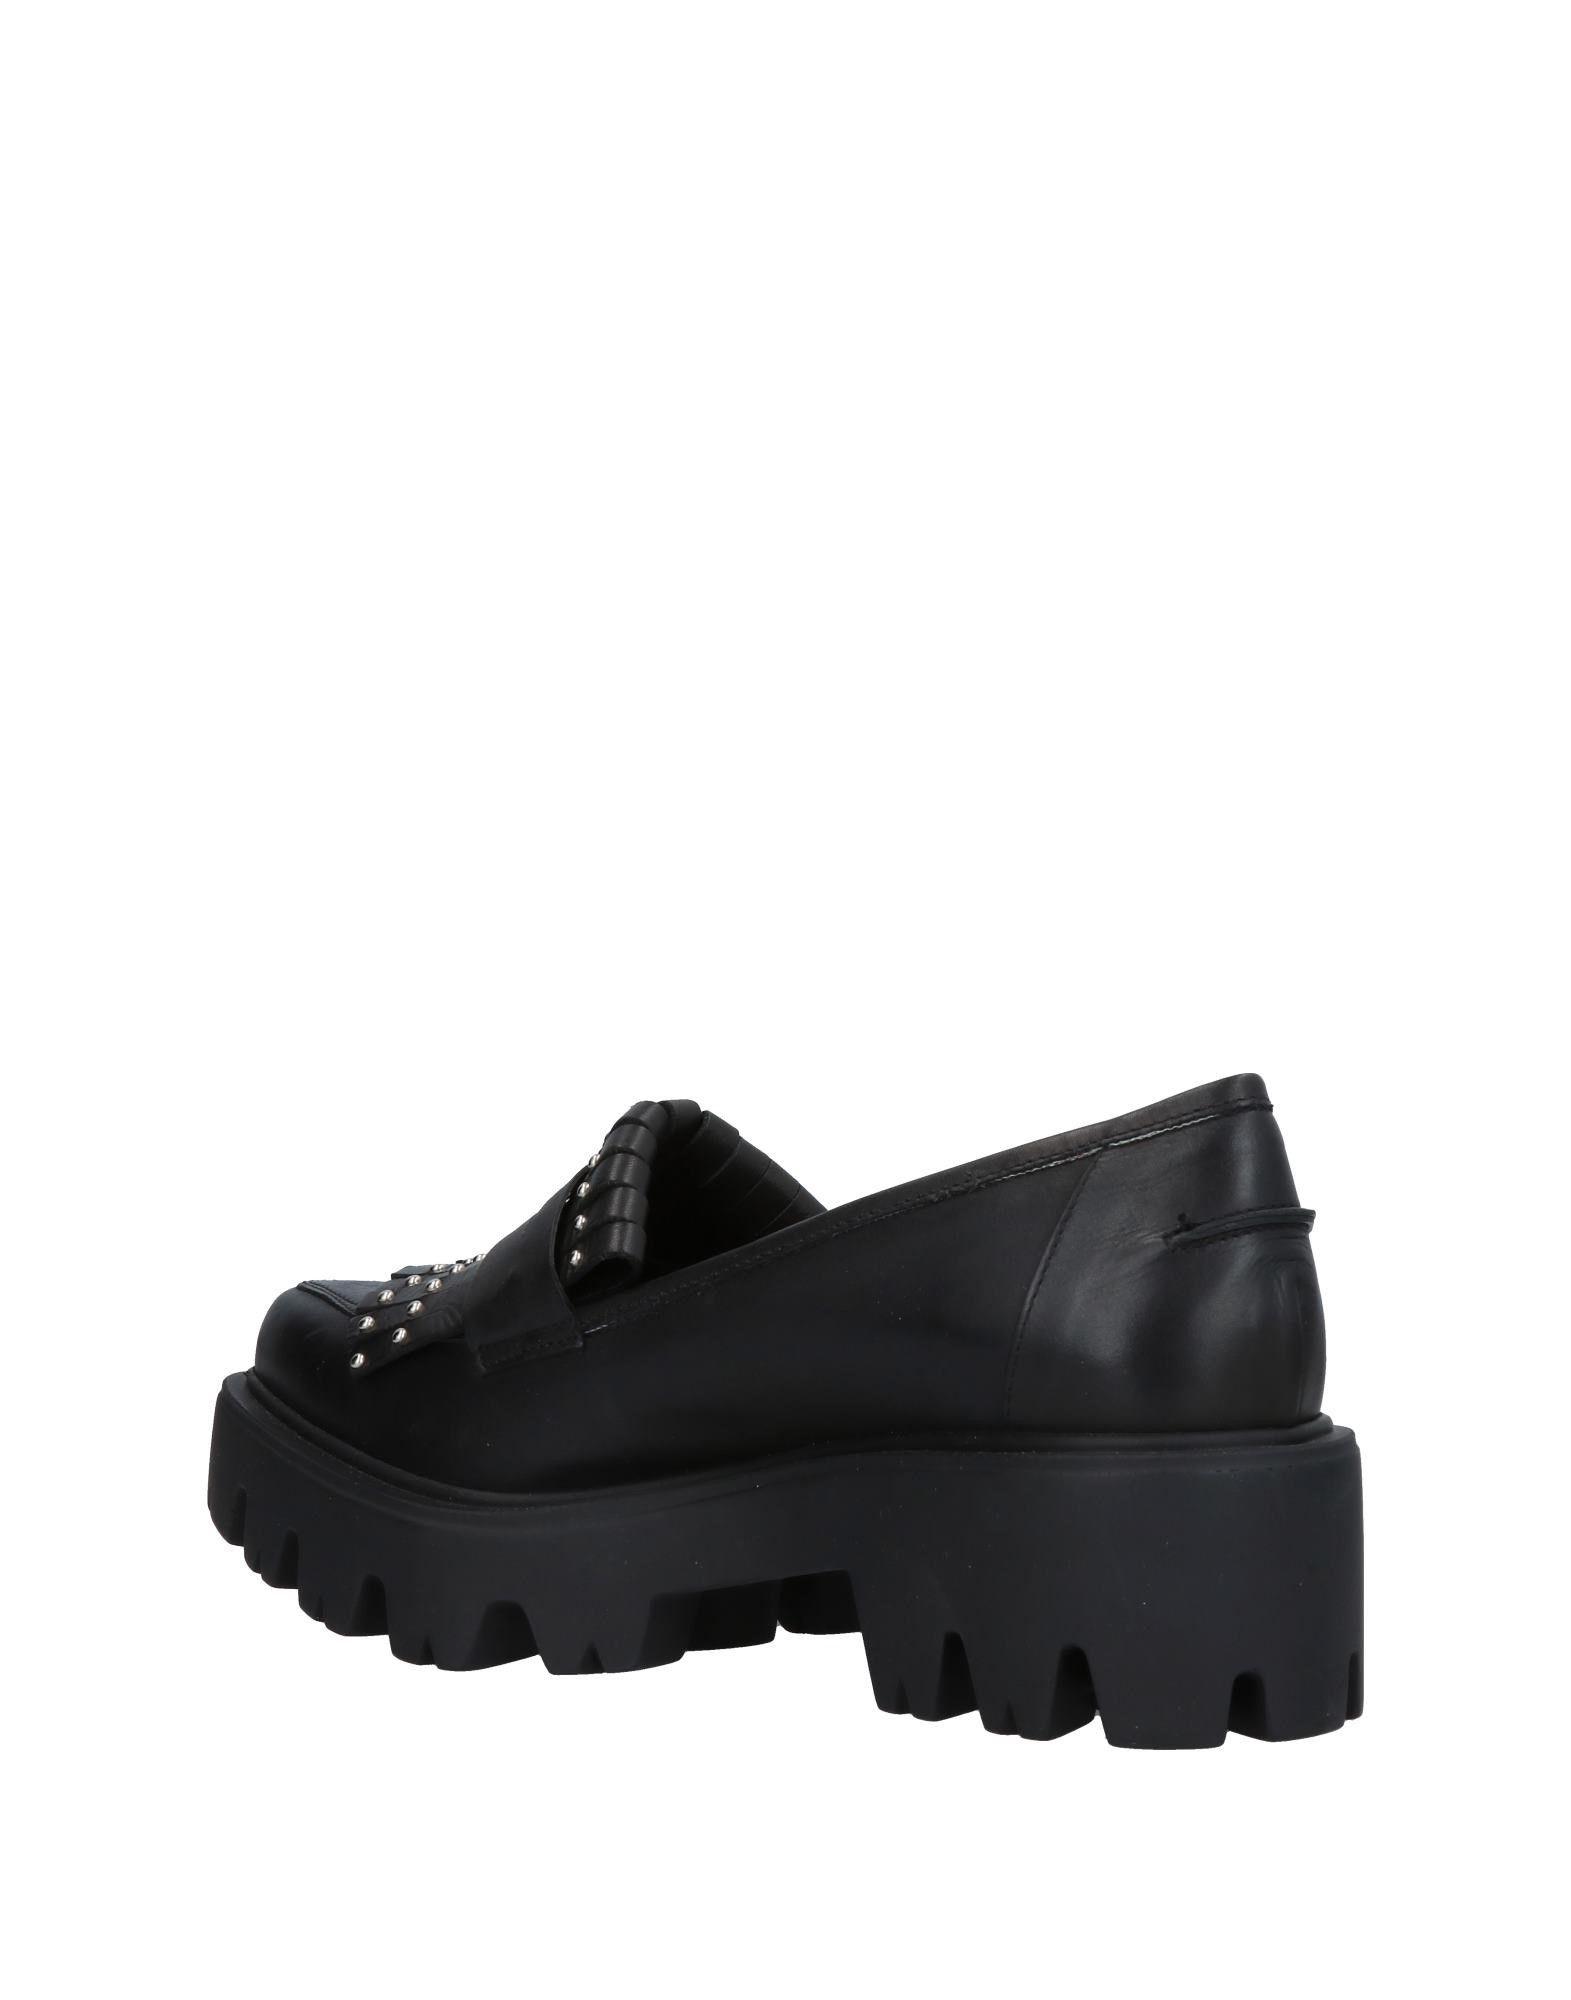 Carrie Latt Mokassins Damen beliebte  11411451EV Gute Qualität beliebte Damen Schuhe 7f61ca